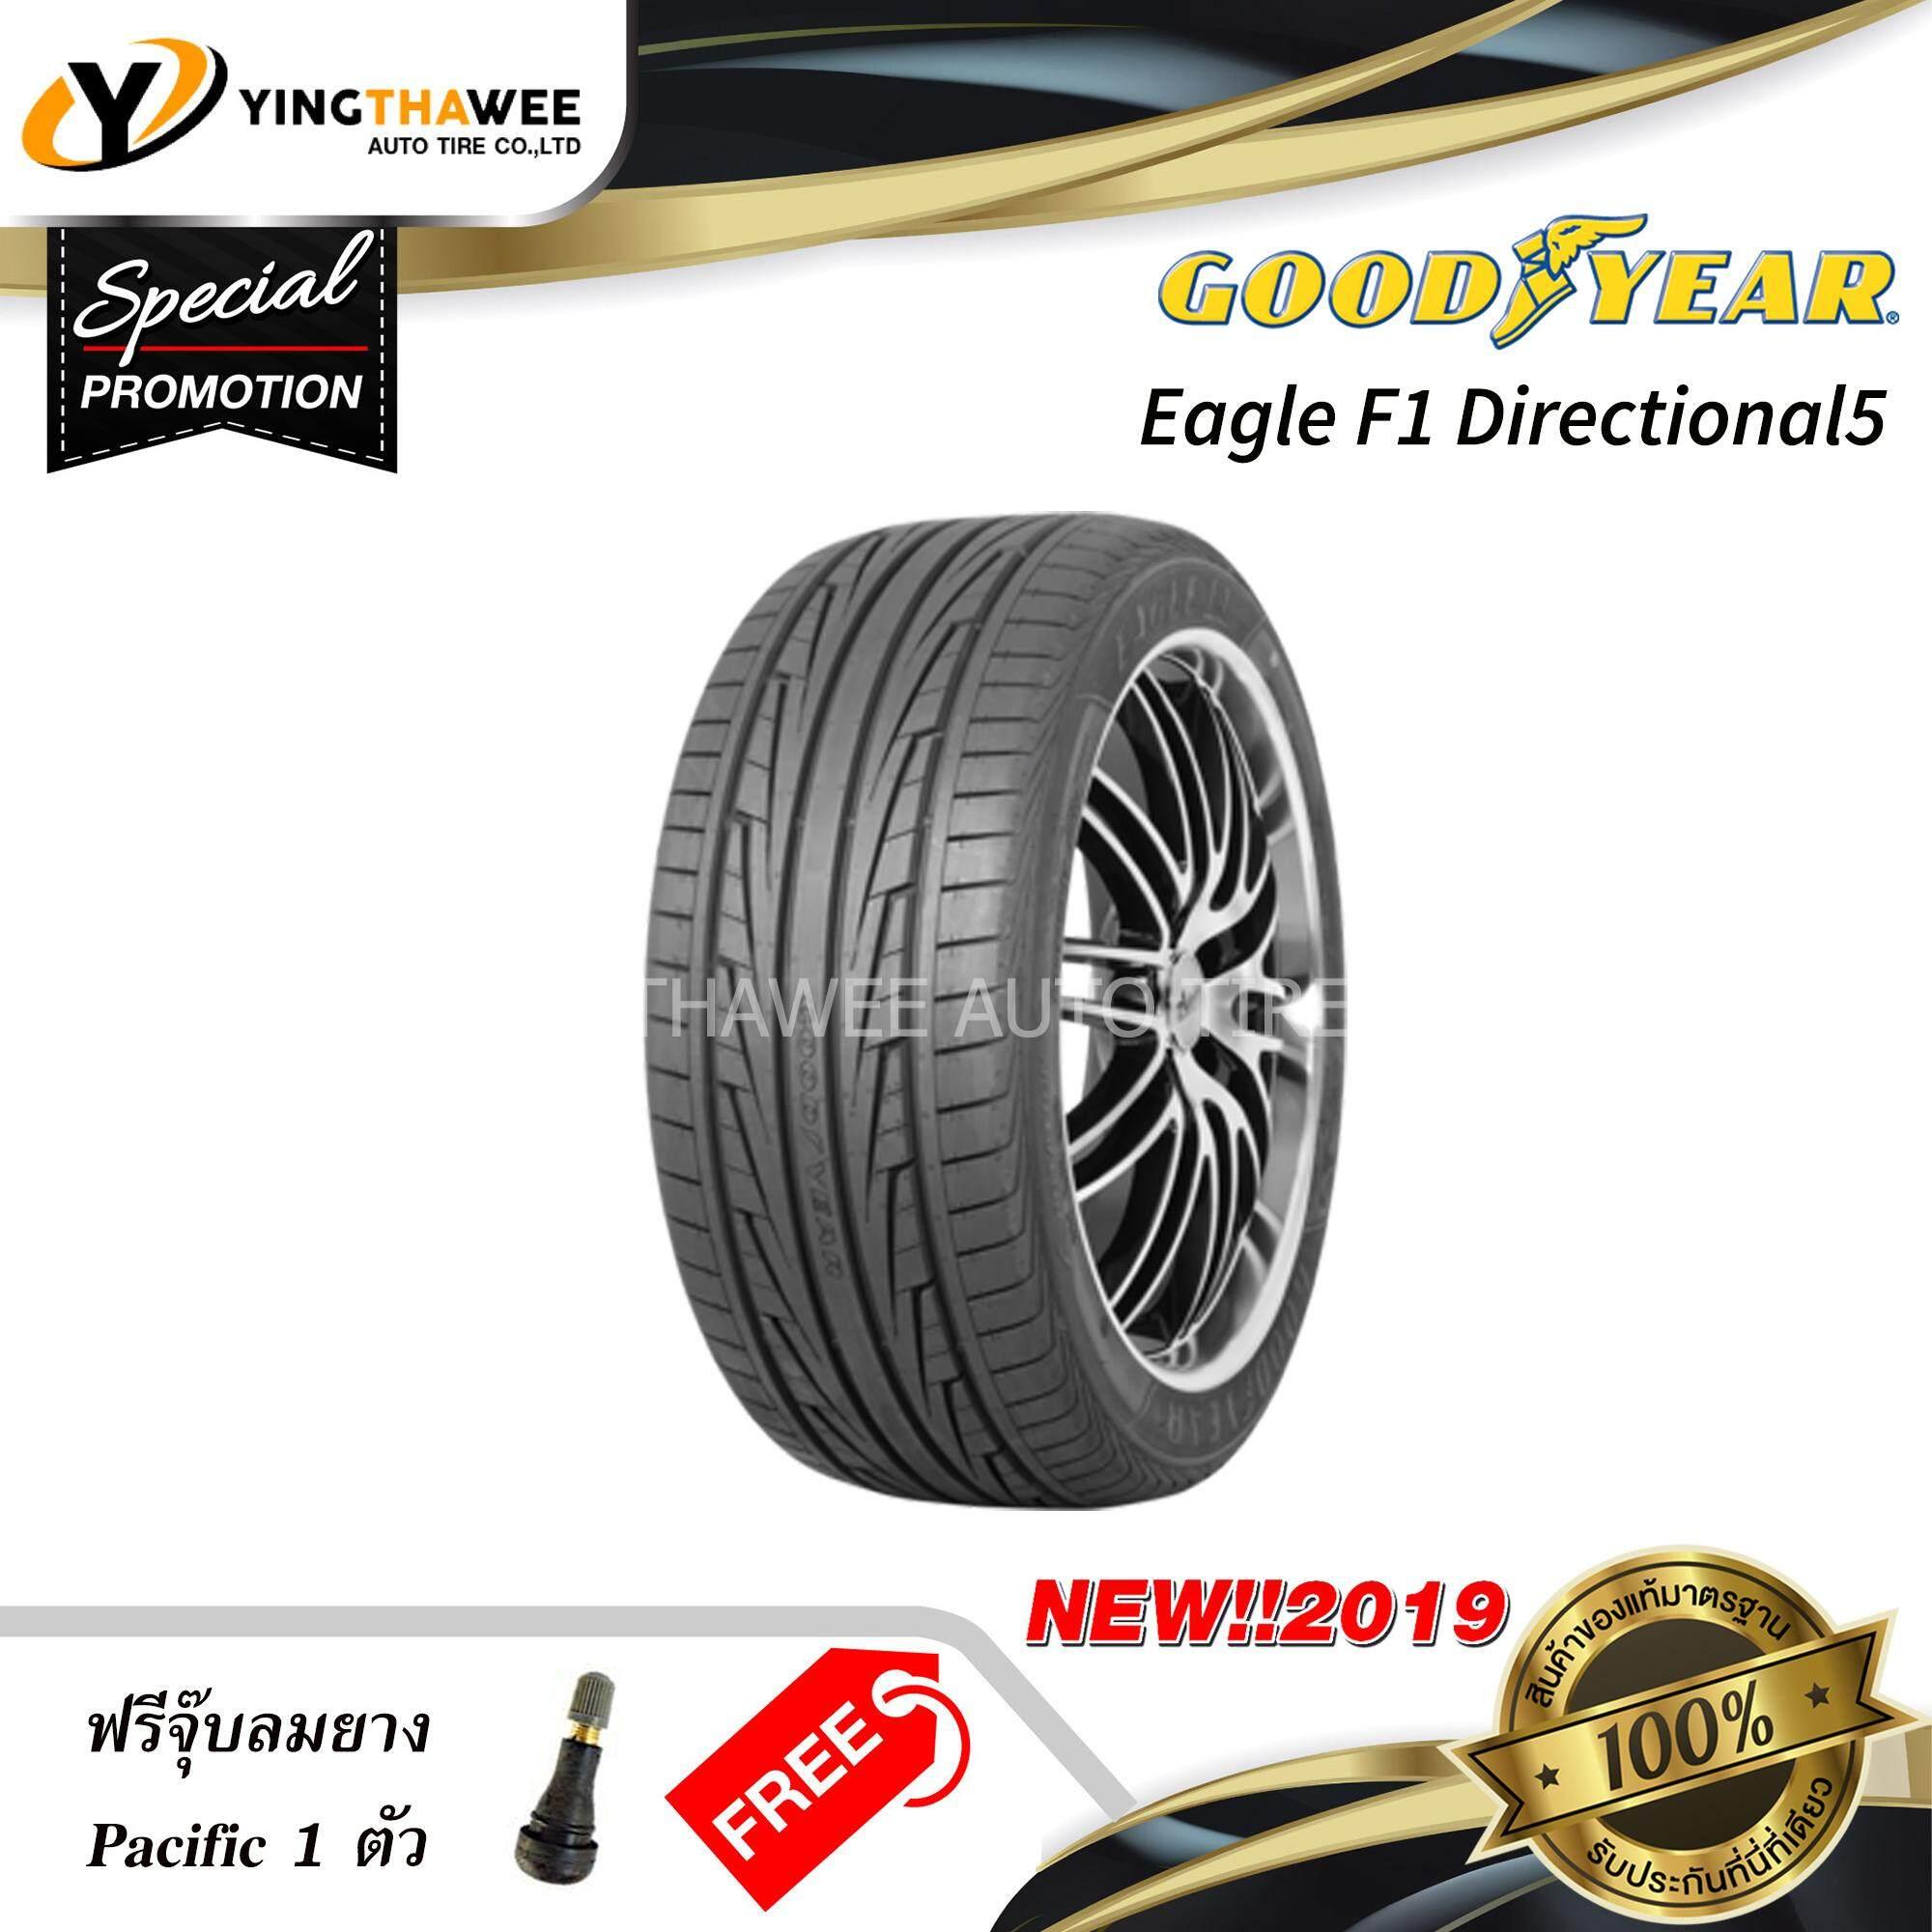 ประกันภัย รถยนต์ ชั้น 3 ราคา ถูก ลำพูน GOODYEAR ยางรถยนต์ 205/45R17 รุ่น Eagle F1 Directional5  1 เส้น (ปี 2019) แถมจุ๊บลมยางแกนทองเหลือง 1 ตัว